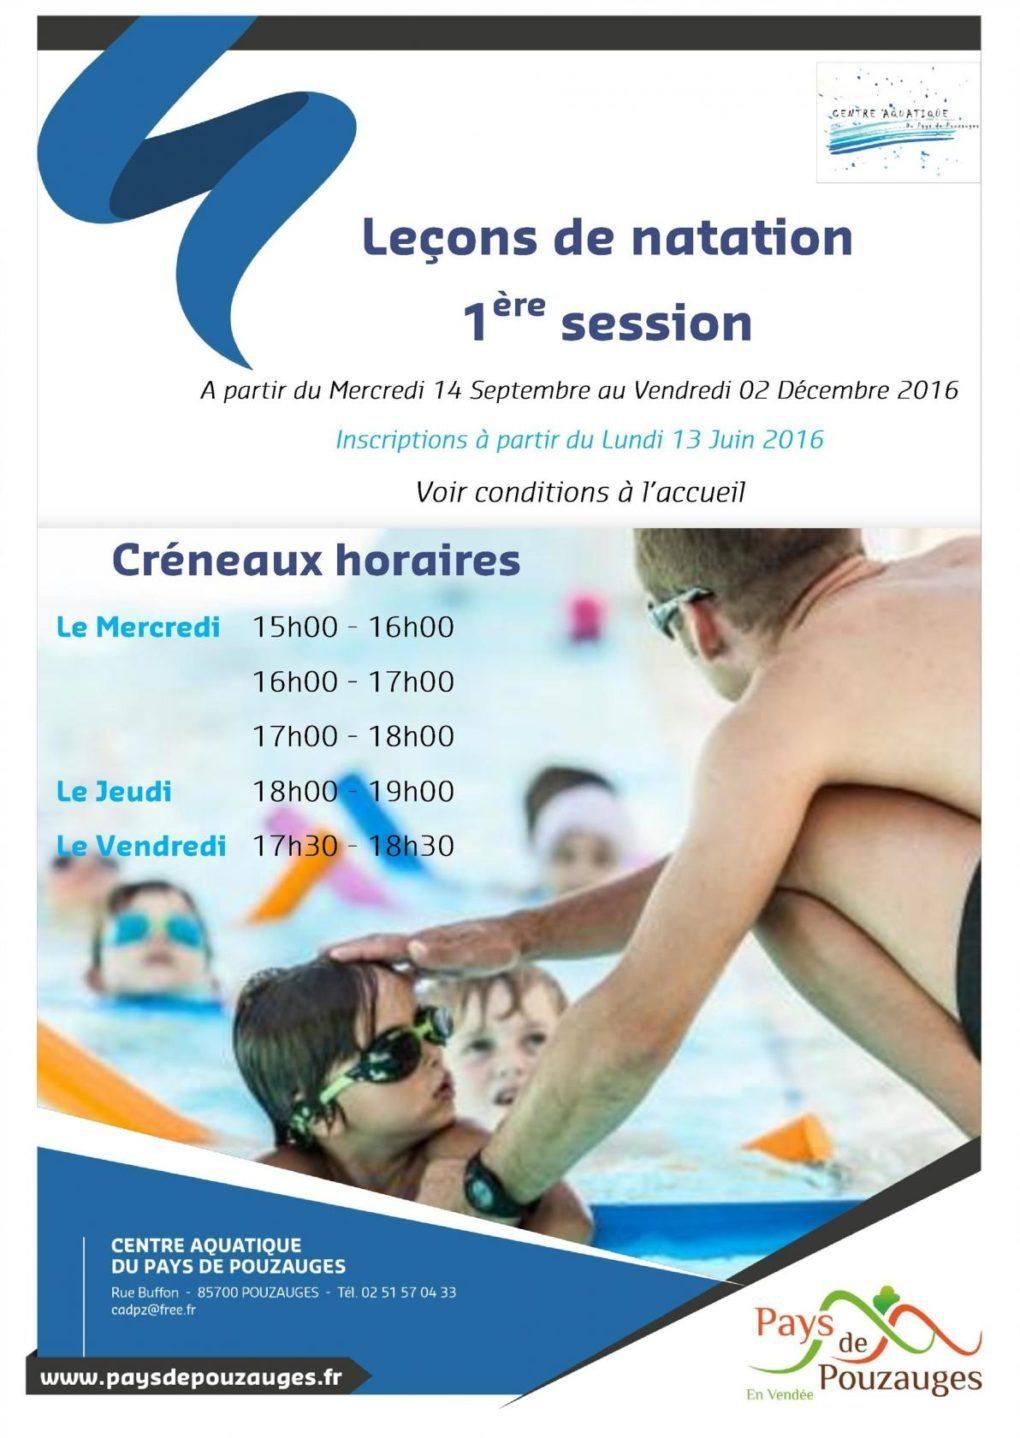 Centre aquatique du Pays de Pouzauges, leçons de natation Pouzauges